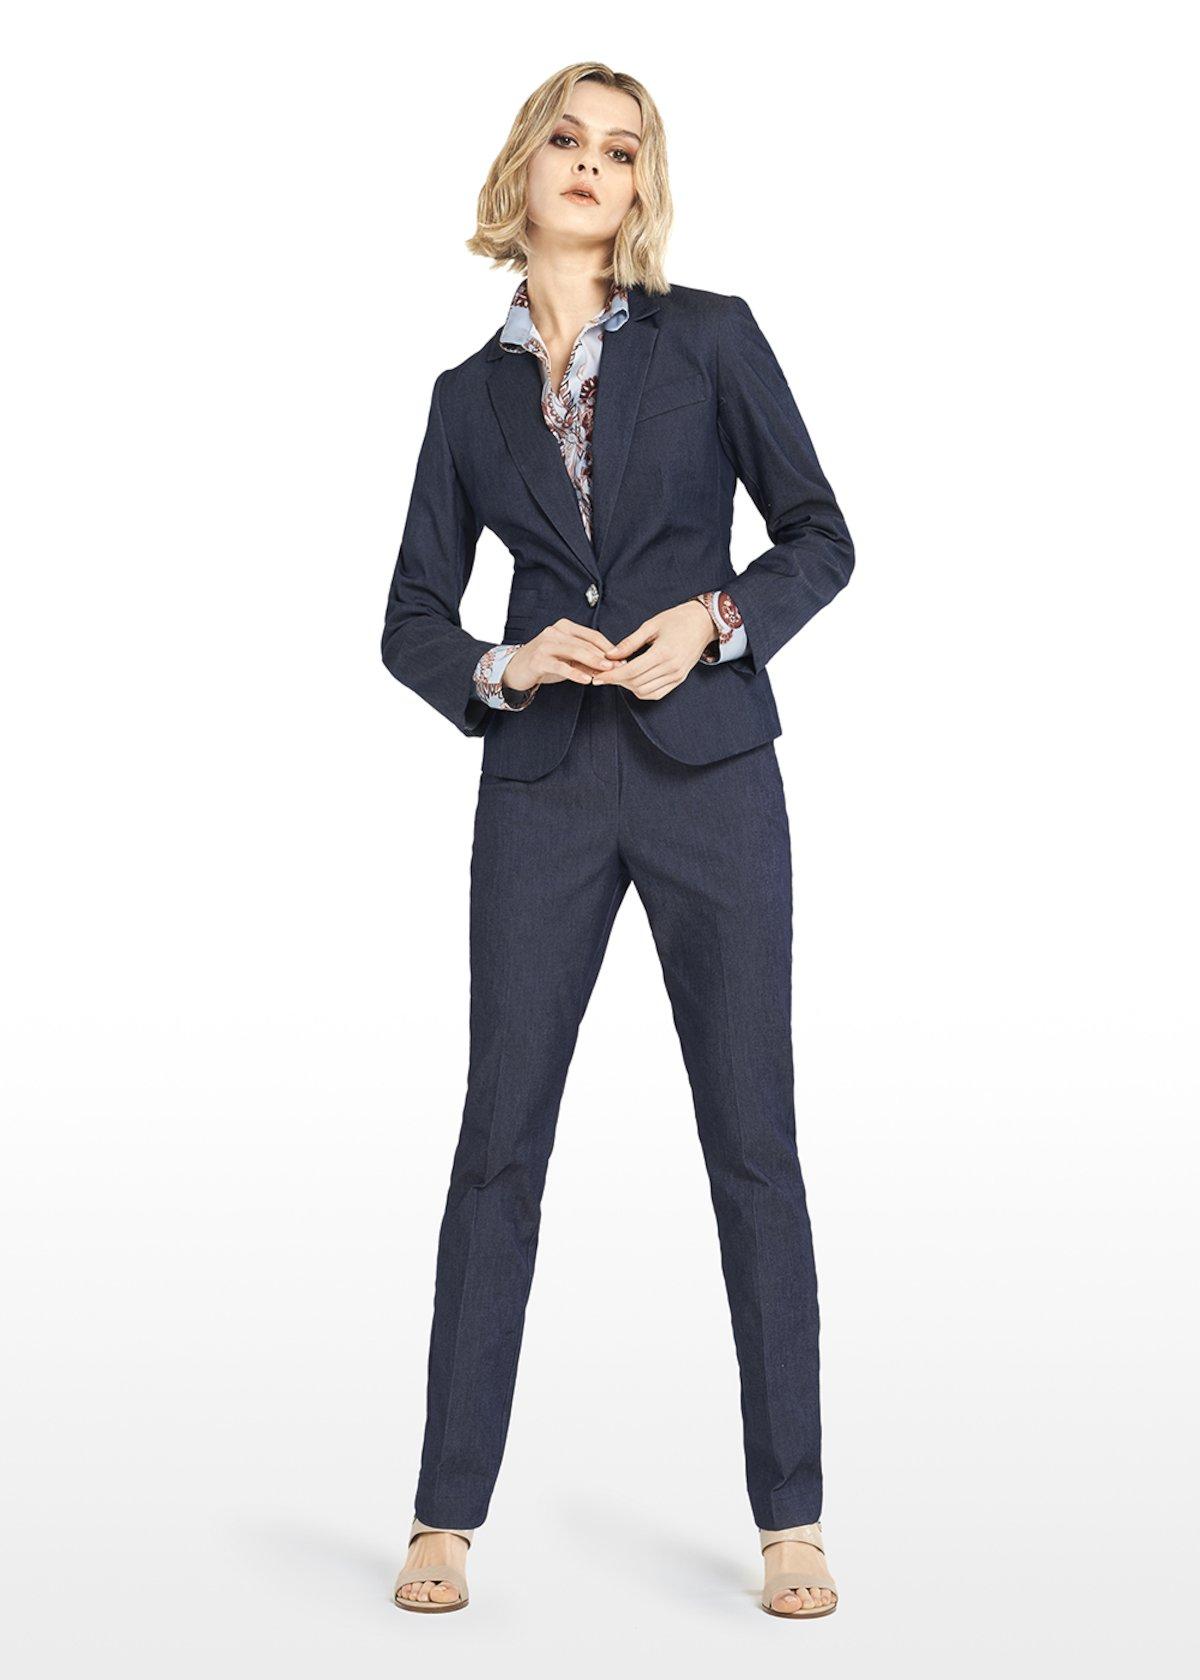 Giacca Gaynor in denim stretch e bottone gioiello - Denim - Donna - Immagine categoria